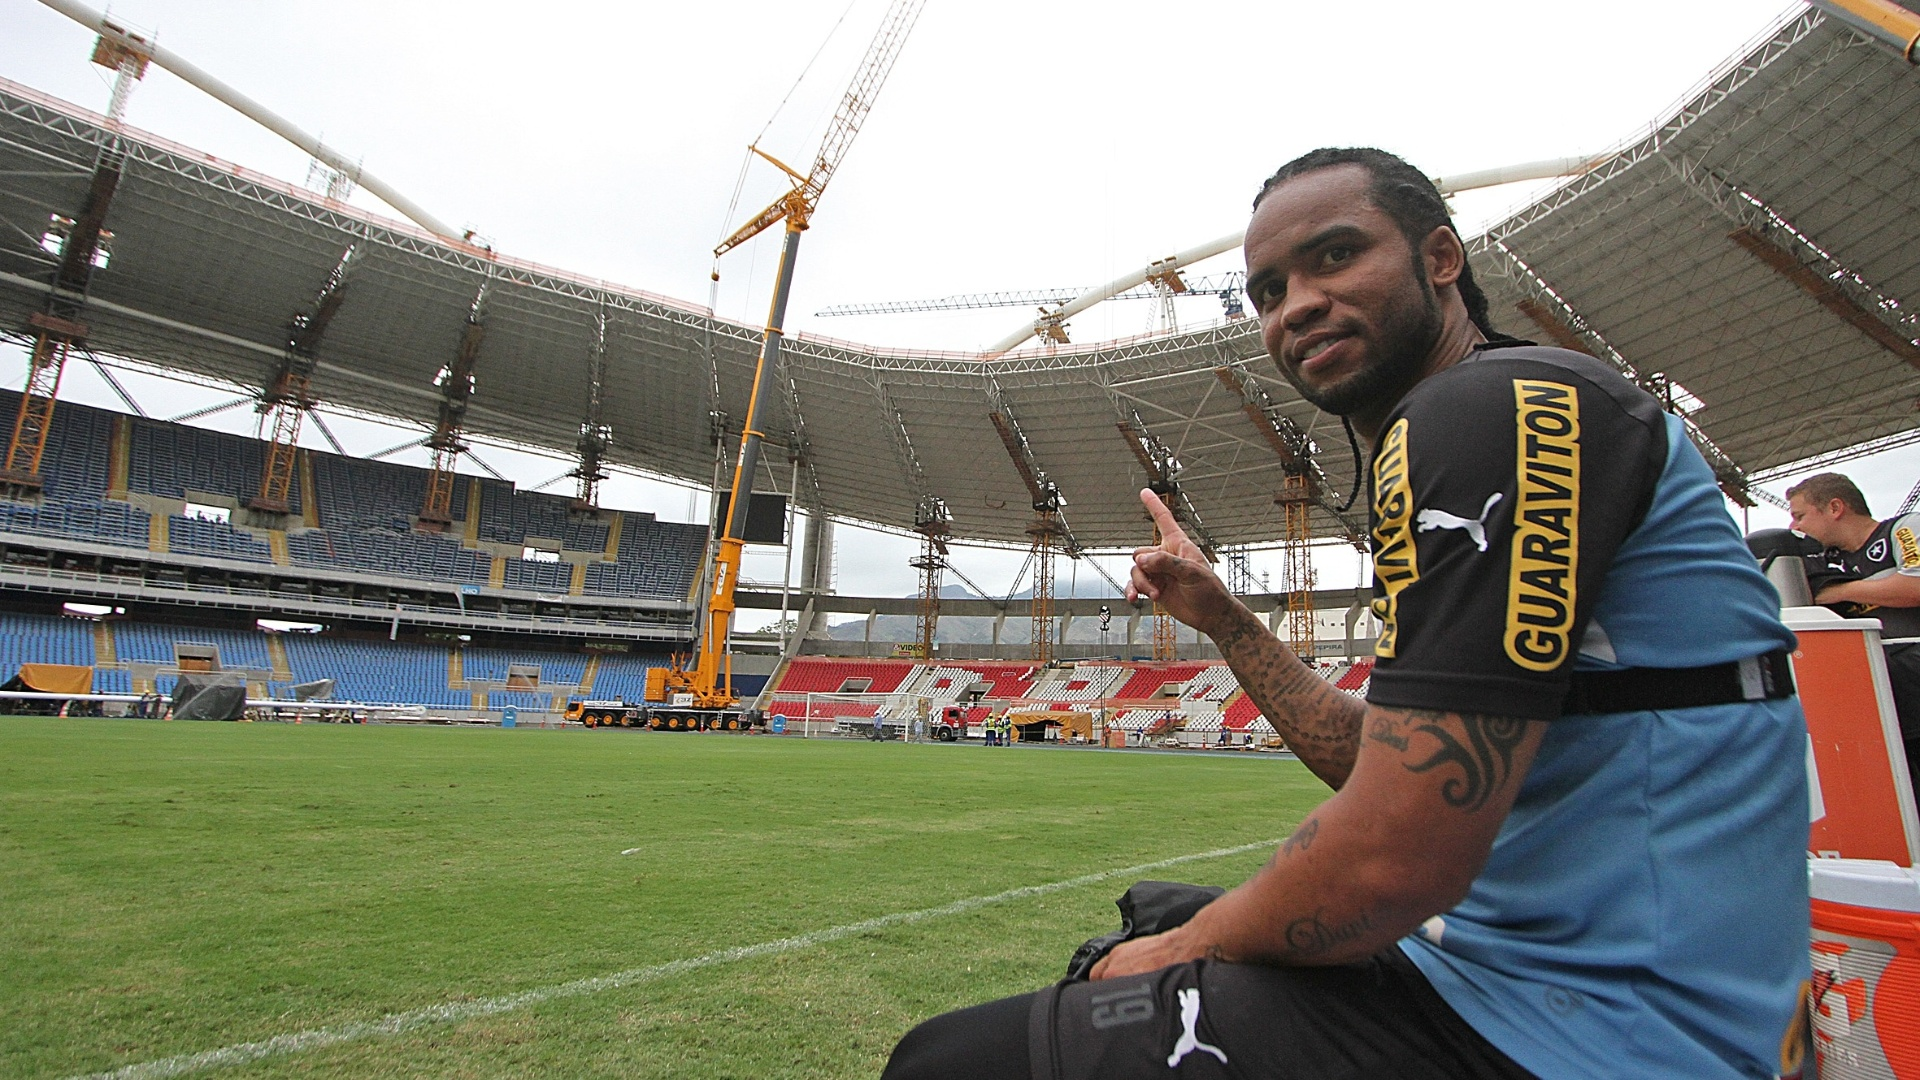 Carlos Alberto durante o treinamento do Botafogo no campo principal do Engenhao, após dois anos